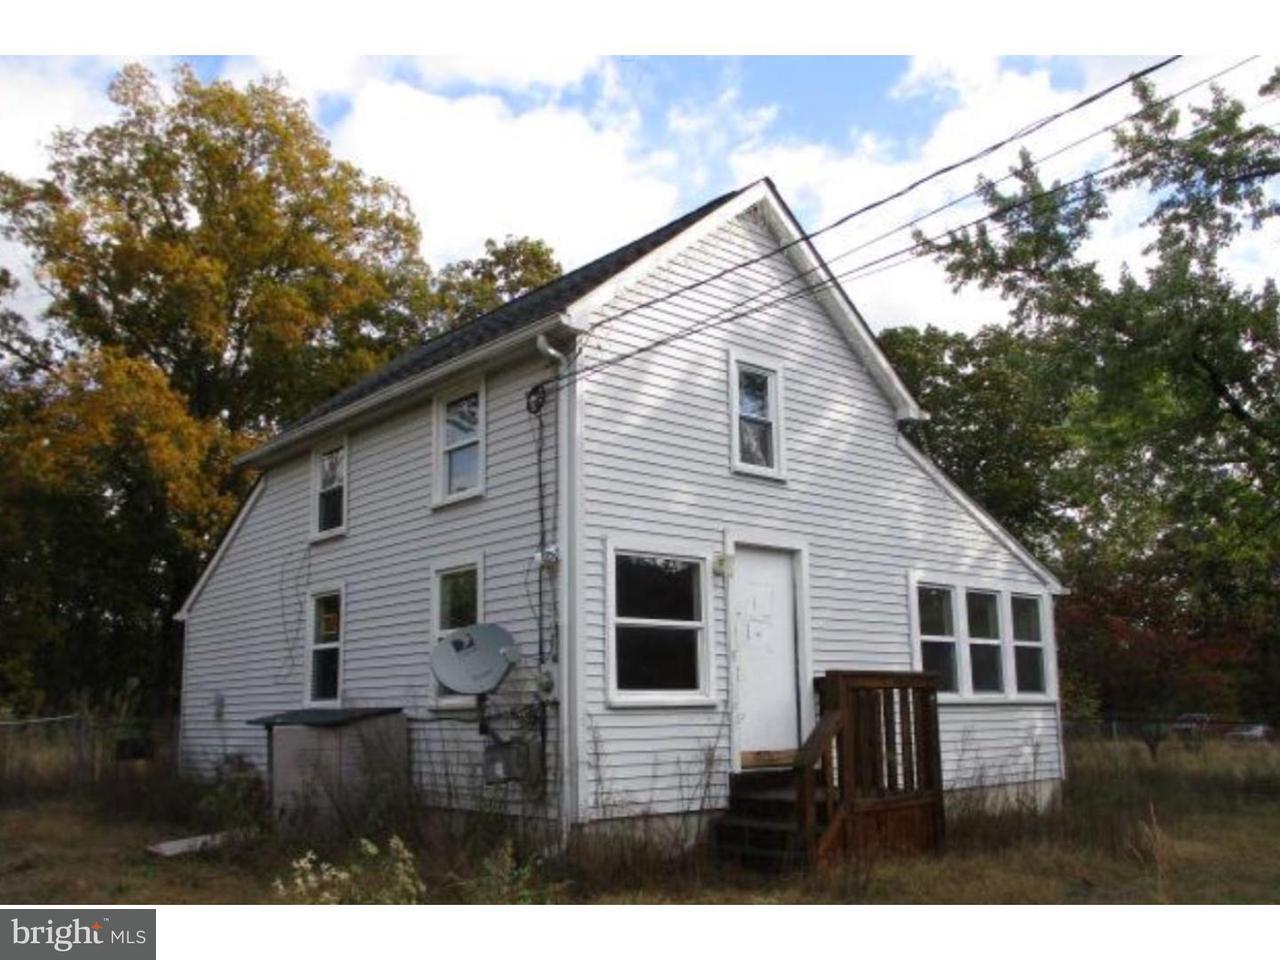 Частный односемейный дом для того Продажа на 236 JACKSON Road Waterford Township, Нью-Джерси 08009 Соединенные Штаты